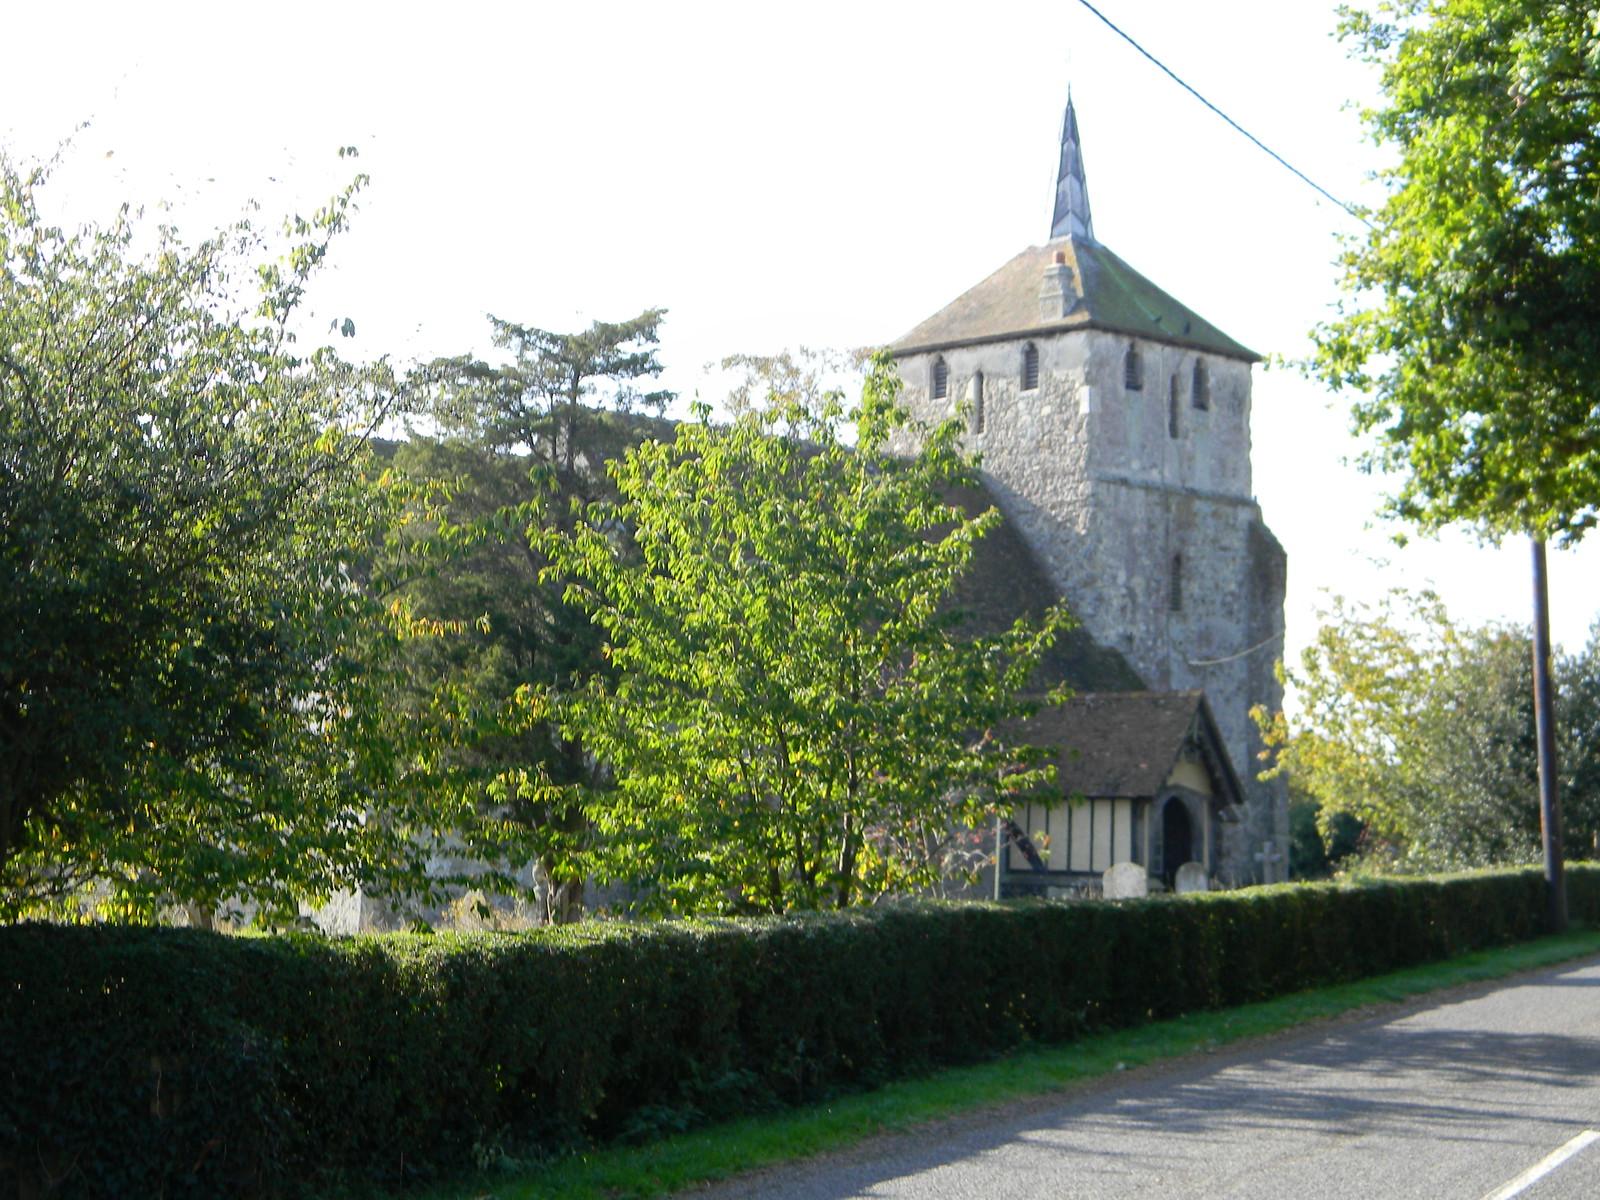 Ruckinge church Ham Street to Appledore